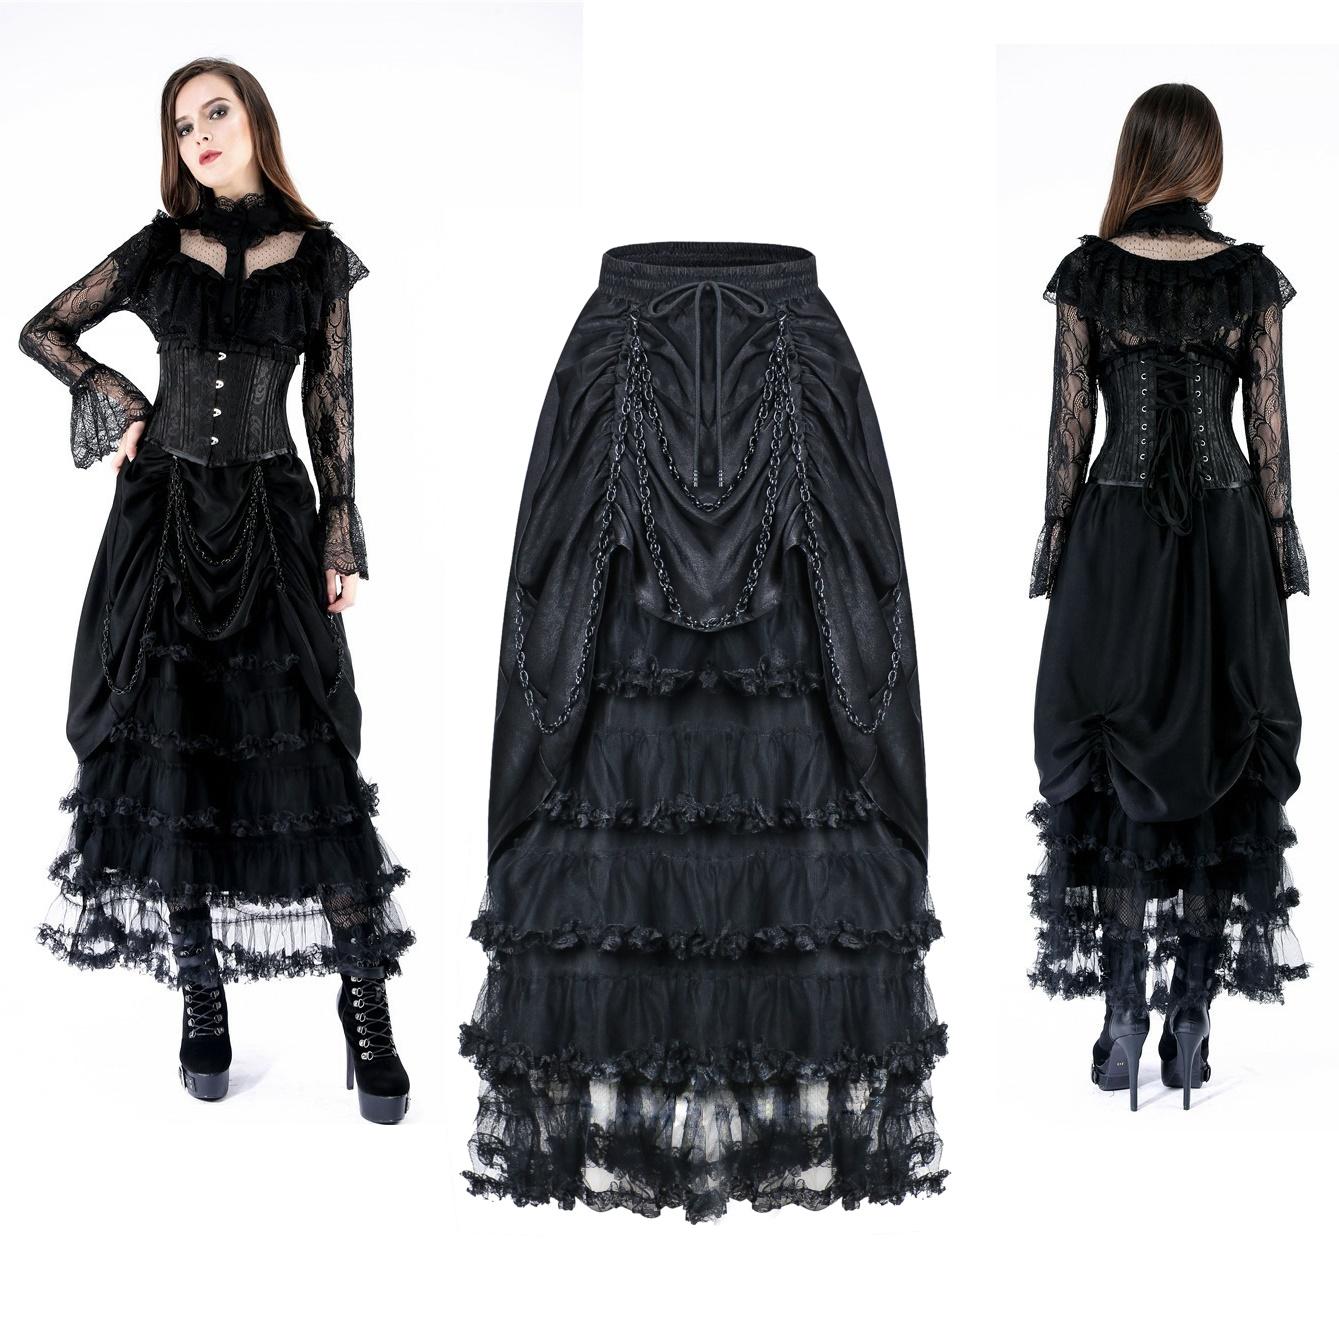 100% Zufriedenheit größte Auswahl von 2019 große Sammlung Langer Gothic Rock Dark in Love - Dark in Love bei Gothic Shop -  www.punk-gothic-shop.de